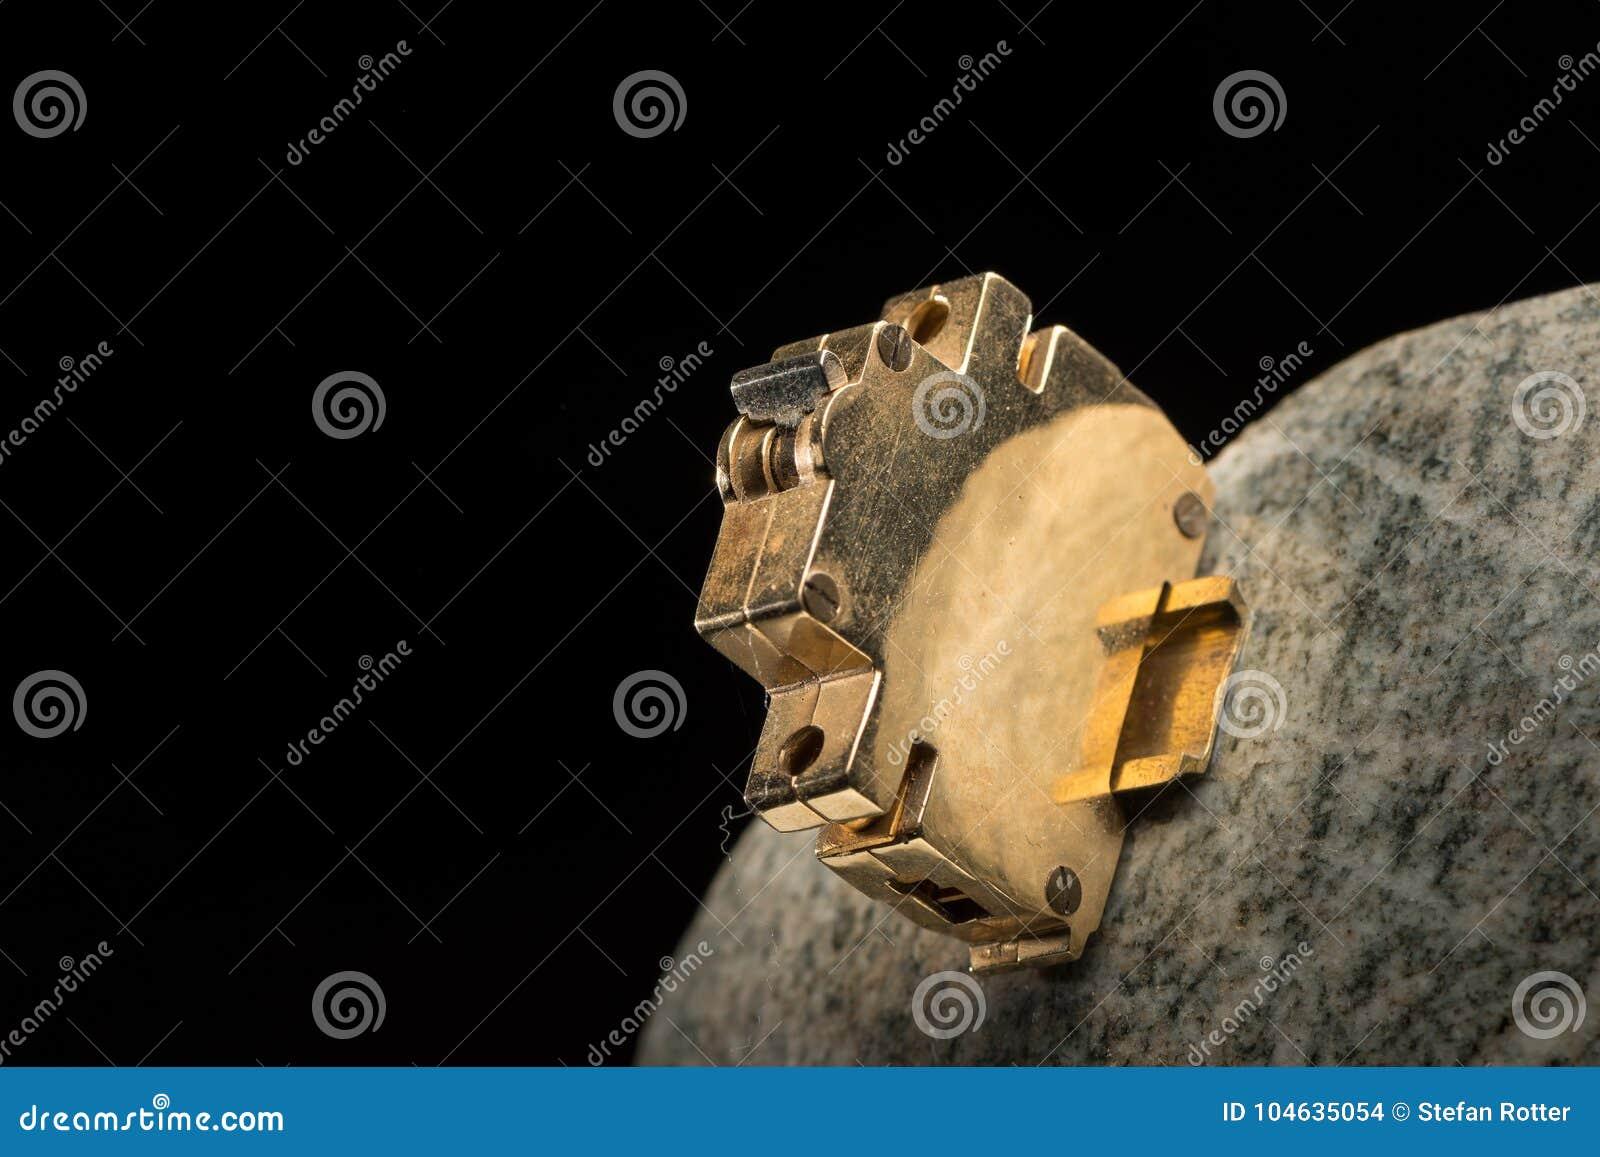 Close-up van een klein gouden model van een stroomonderbreker